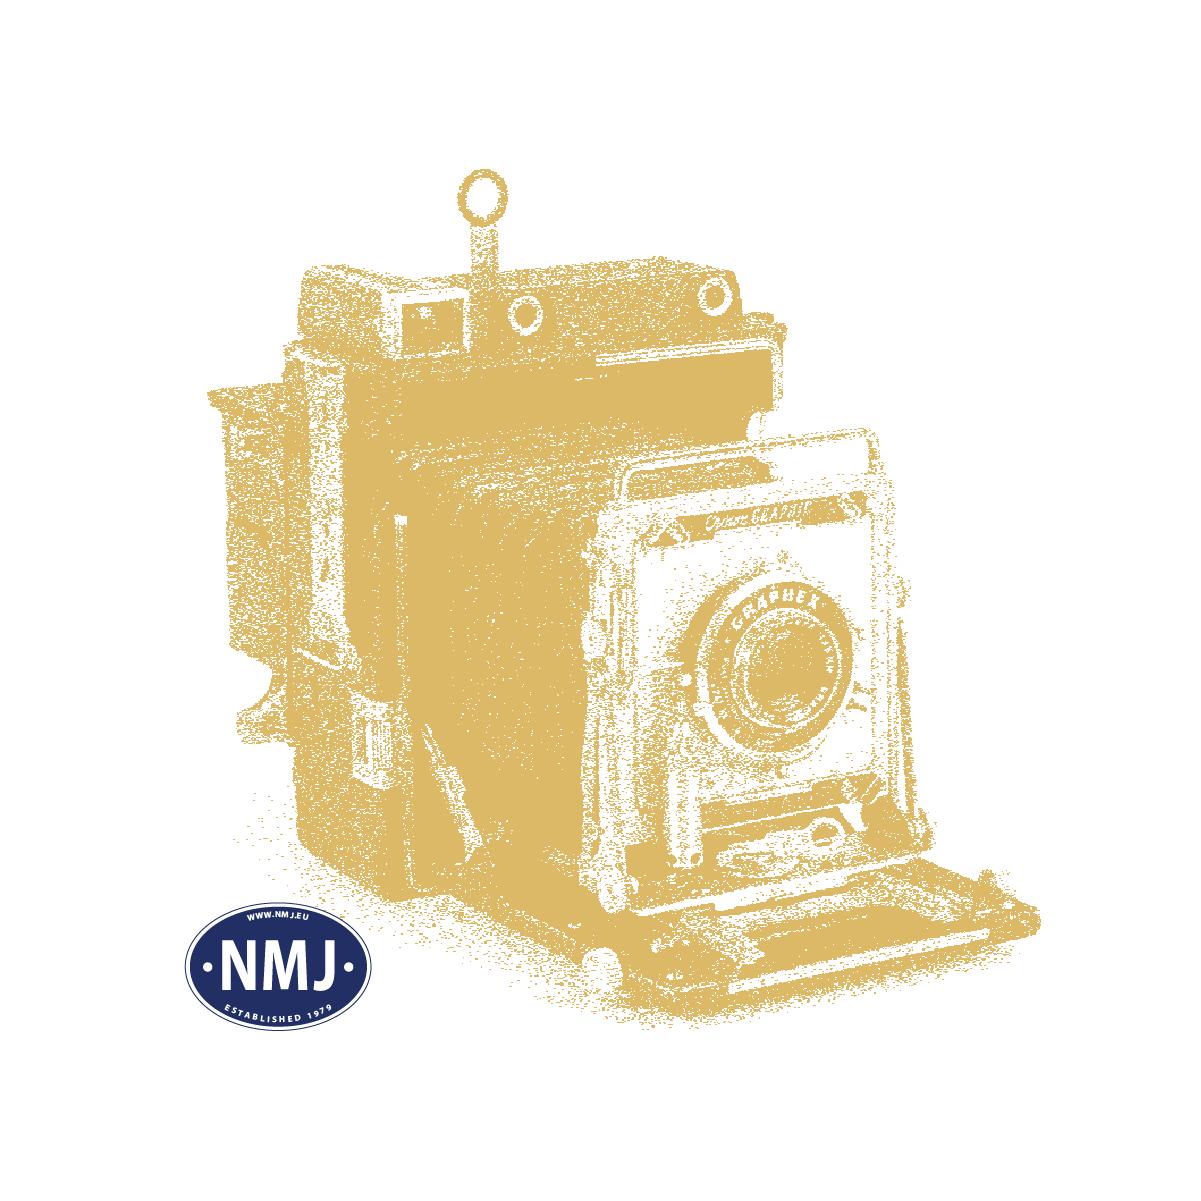 NMJB1117 - Stor Plog, NSB, 2 Stk